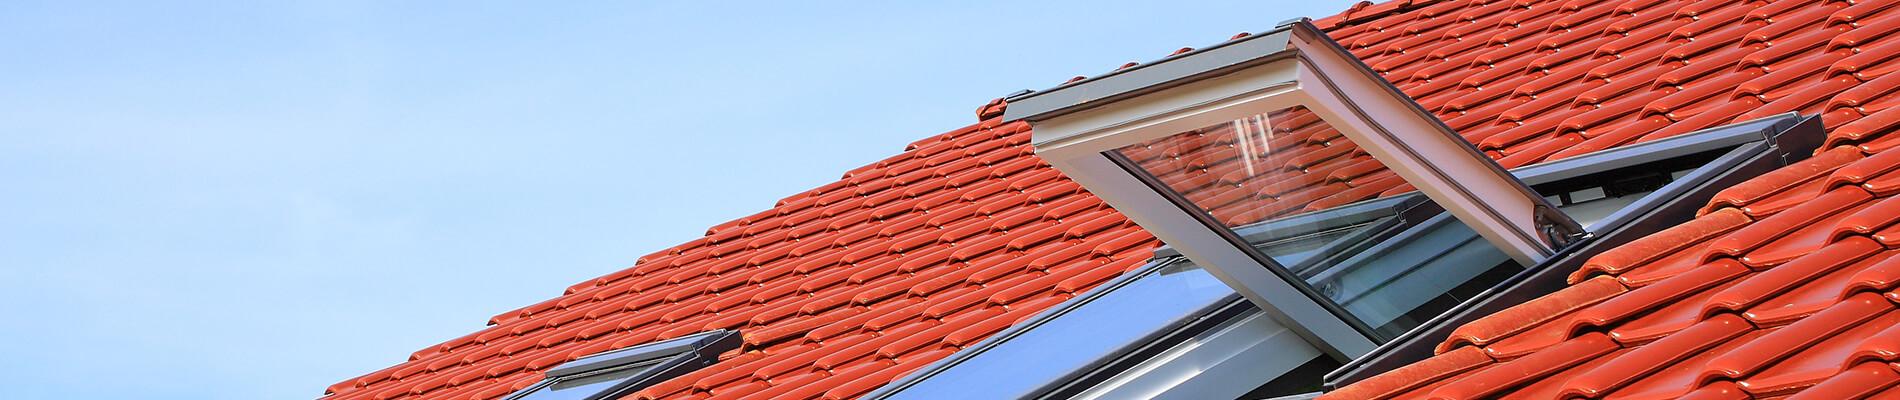 Couvreur Rénovation Installateur Fenêtres-de-Toit à Toulon